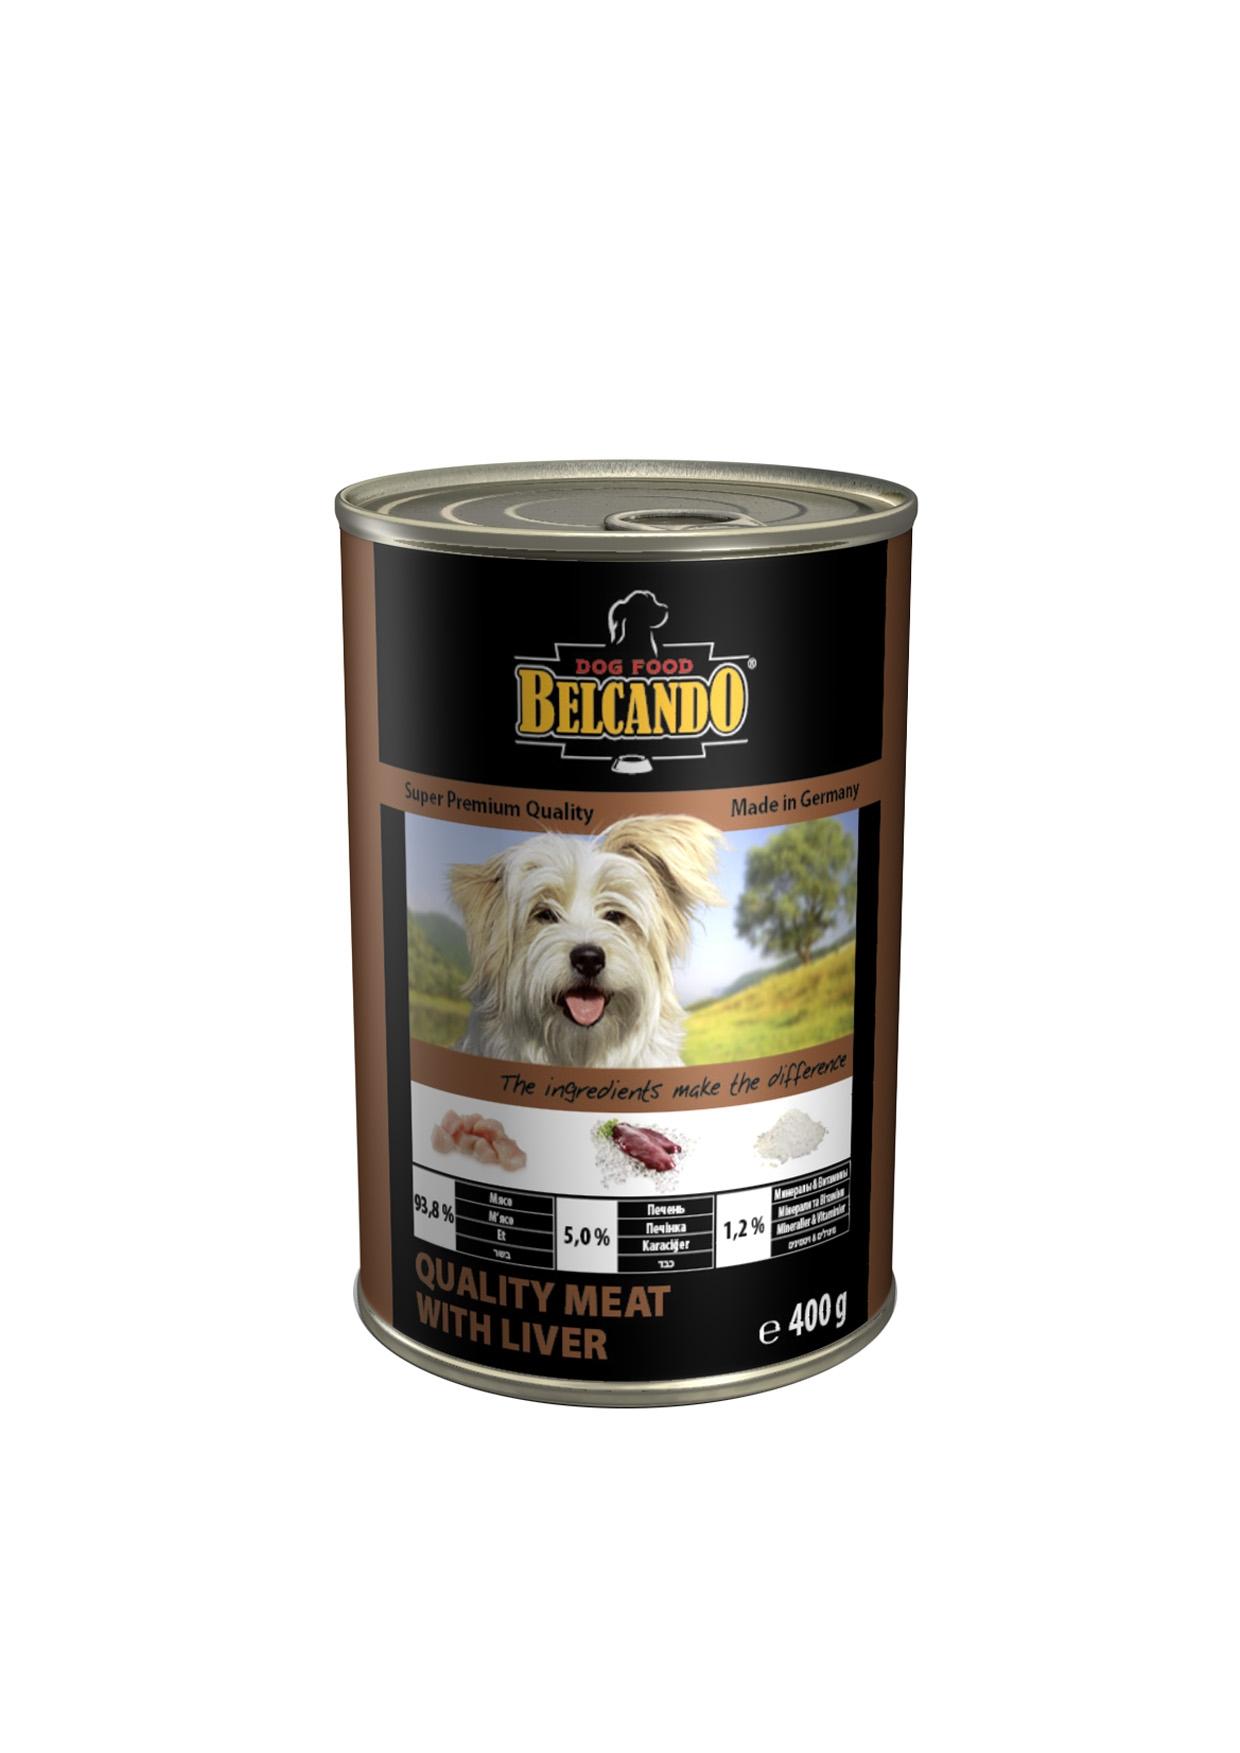 Консервы для собак Belcando, с мясом и печенью, 400 г0120710Консервы Belcando - это полнорационное влажное питание для собак. Подходят для собак всех возрастов. Комбинируется с любым типом корма, в том числе с натуральной пищей. Состав: мясо 93,8%, печень 5%, витамины и минералы 1,2%. Анализ состава: протеин 14 %, жир 5,5 %, клетчатка 0,2 %, зола 2 %, влажность 79 %, витамин А 2,500 МЕ/кг, витамин Е 40 мг/кг, витамин D3 250 МЕ/кг, кальций 0,4 %, фосфор 0,16 %.Вес: 400 г.Товар сертифицирован.